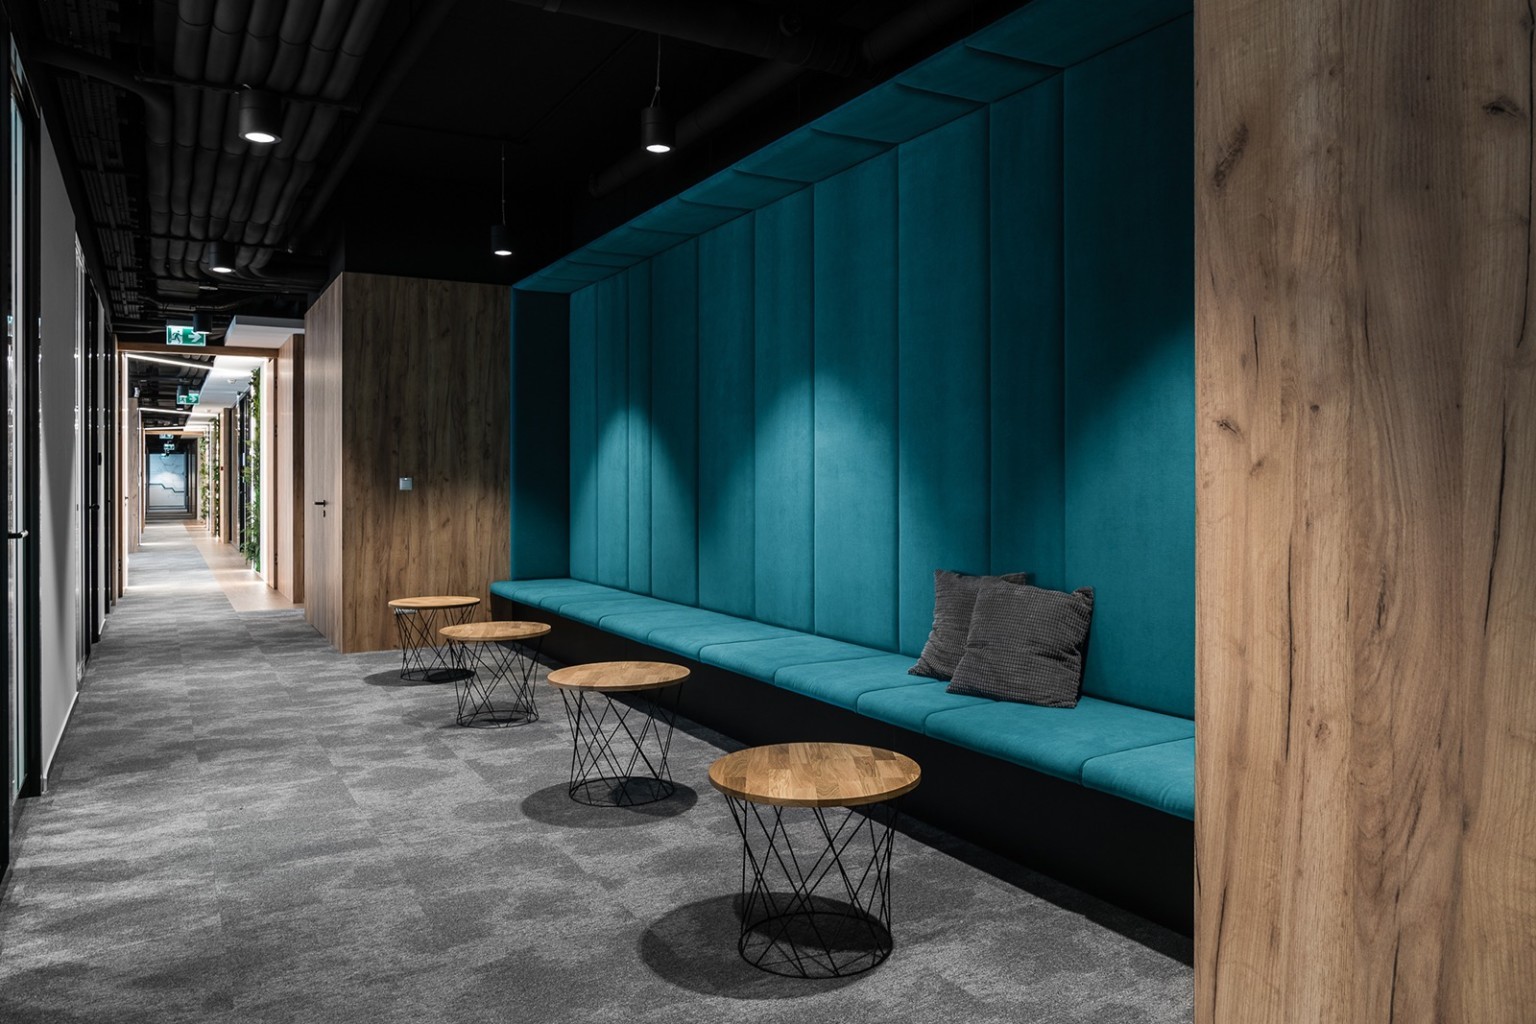 eset-office-krakow-13-768x512@2x.jpg